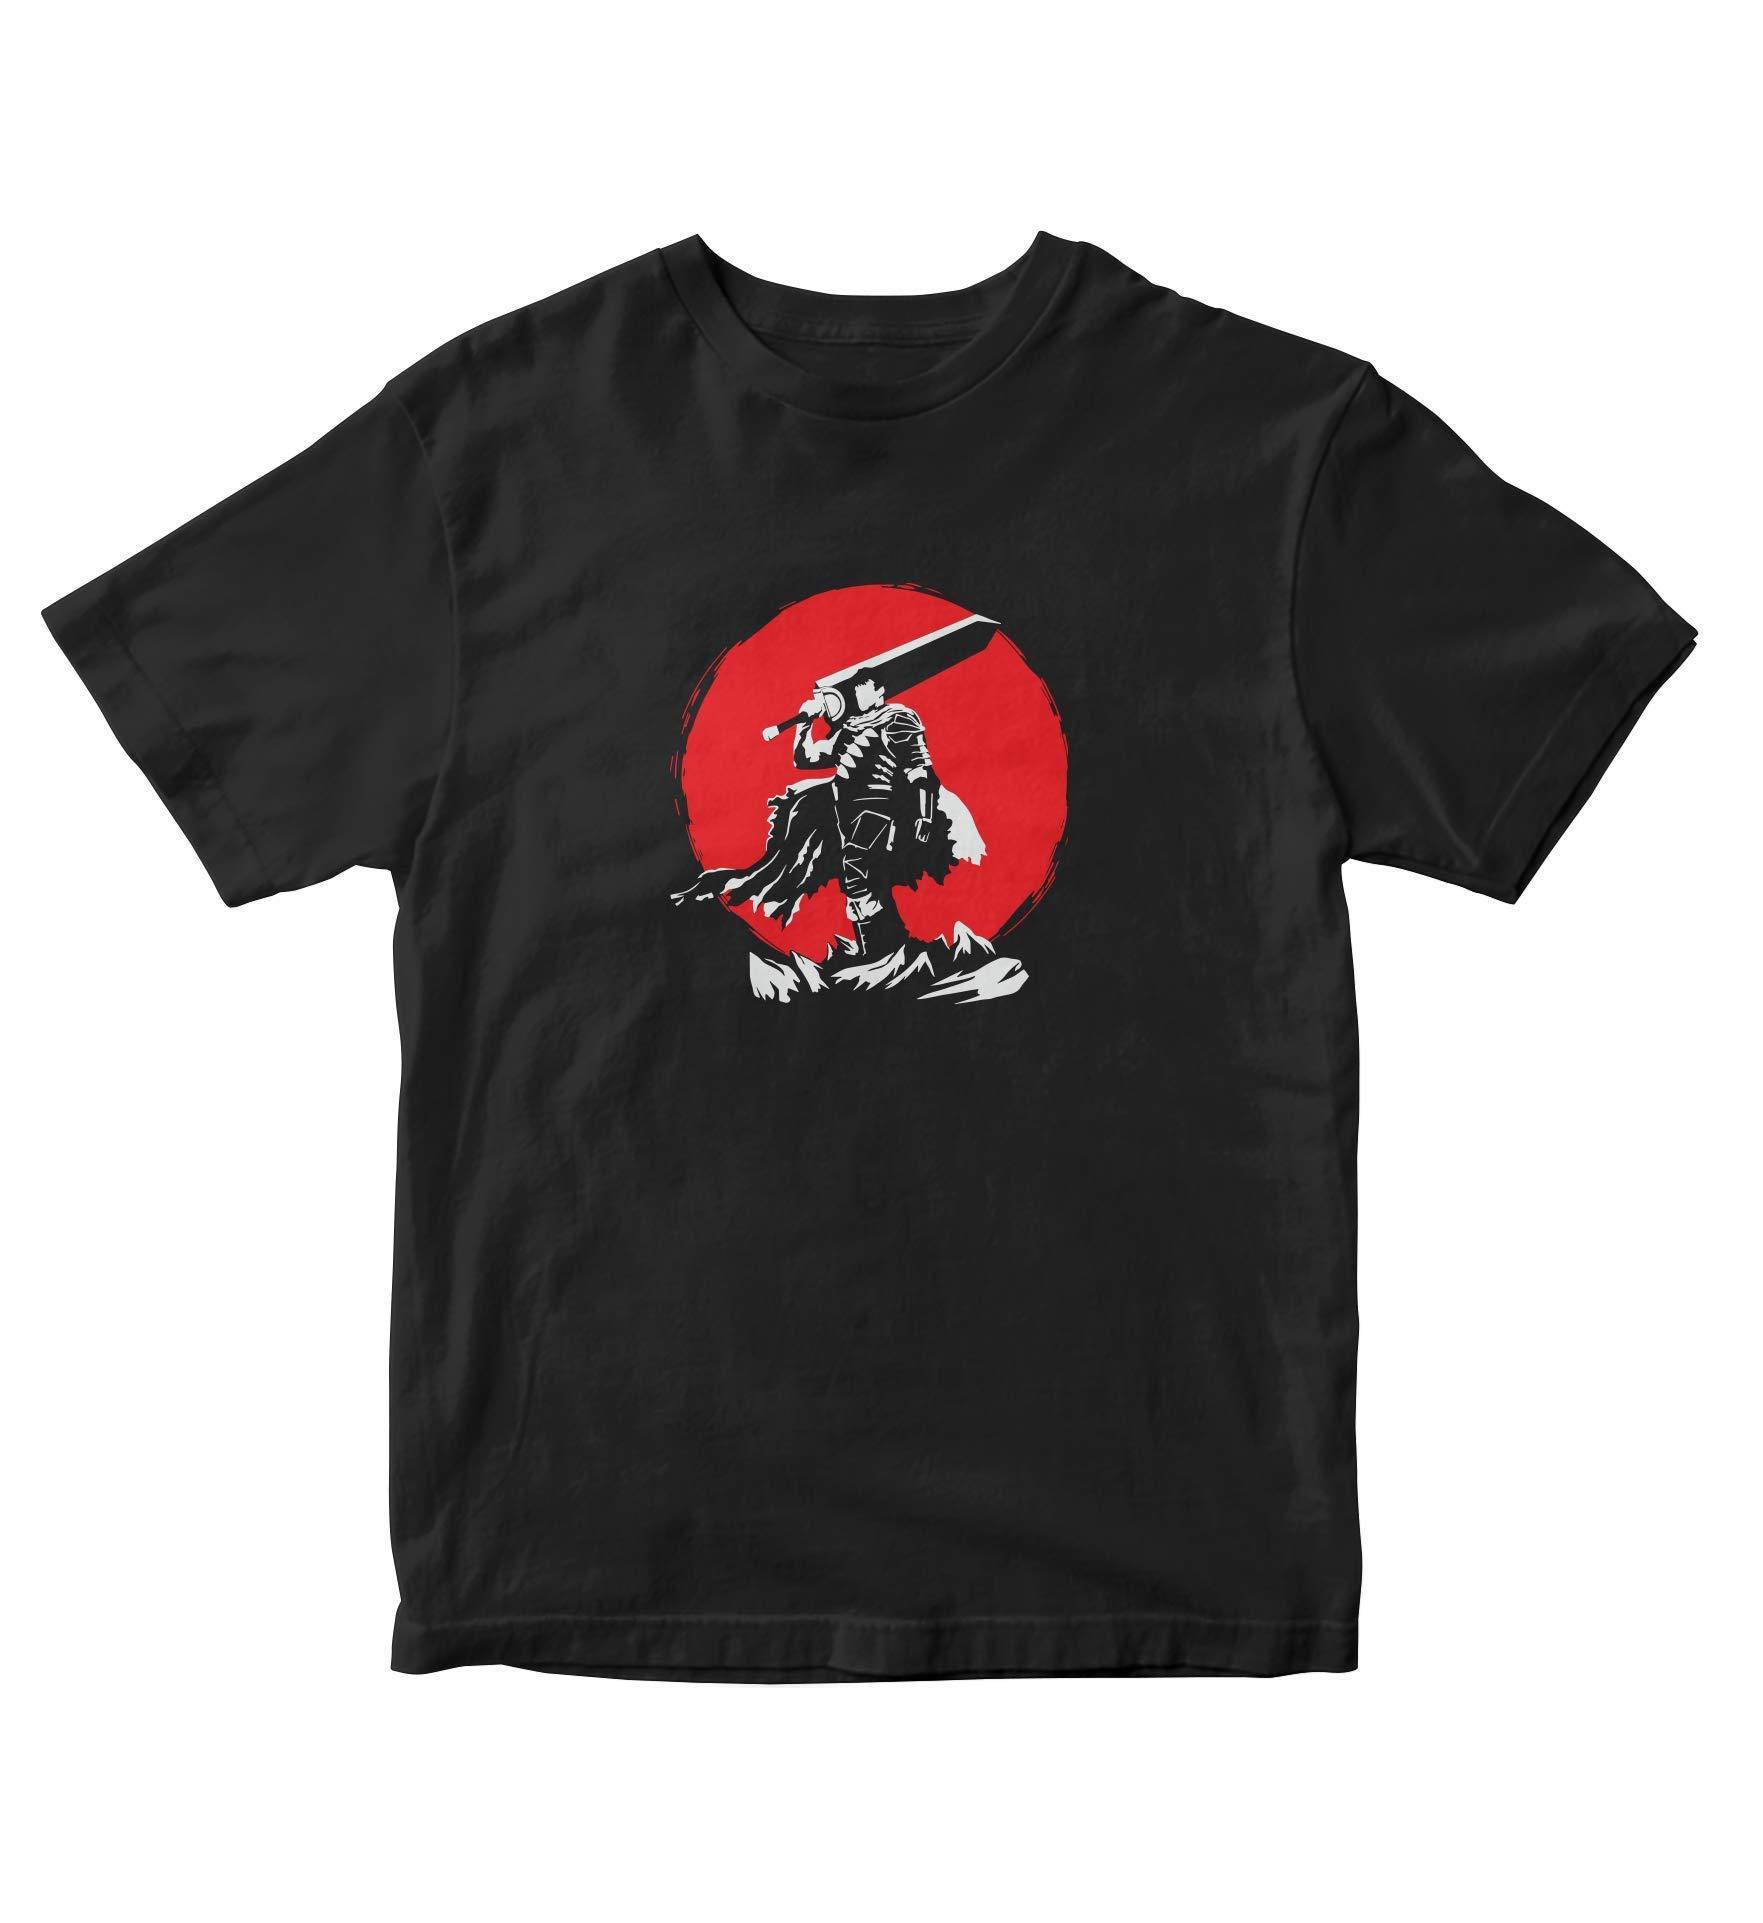 Berserk Guts Sunset Berserk T Shirt Adult S Anime Manga A675